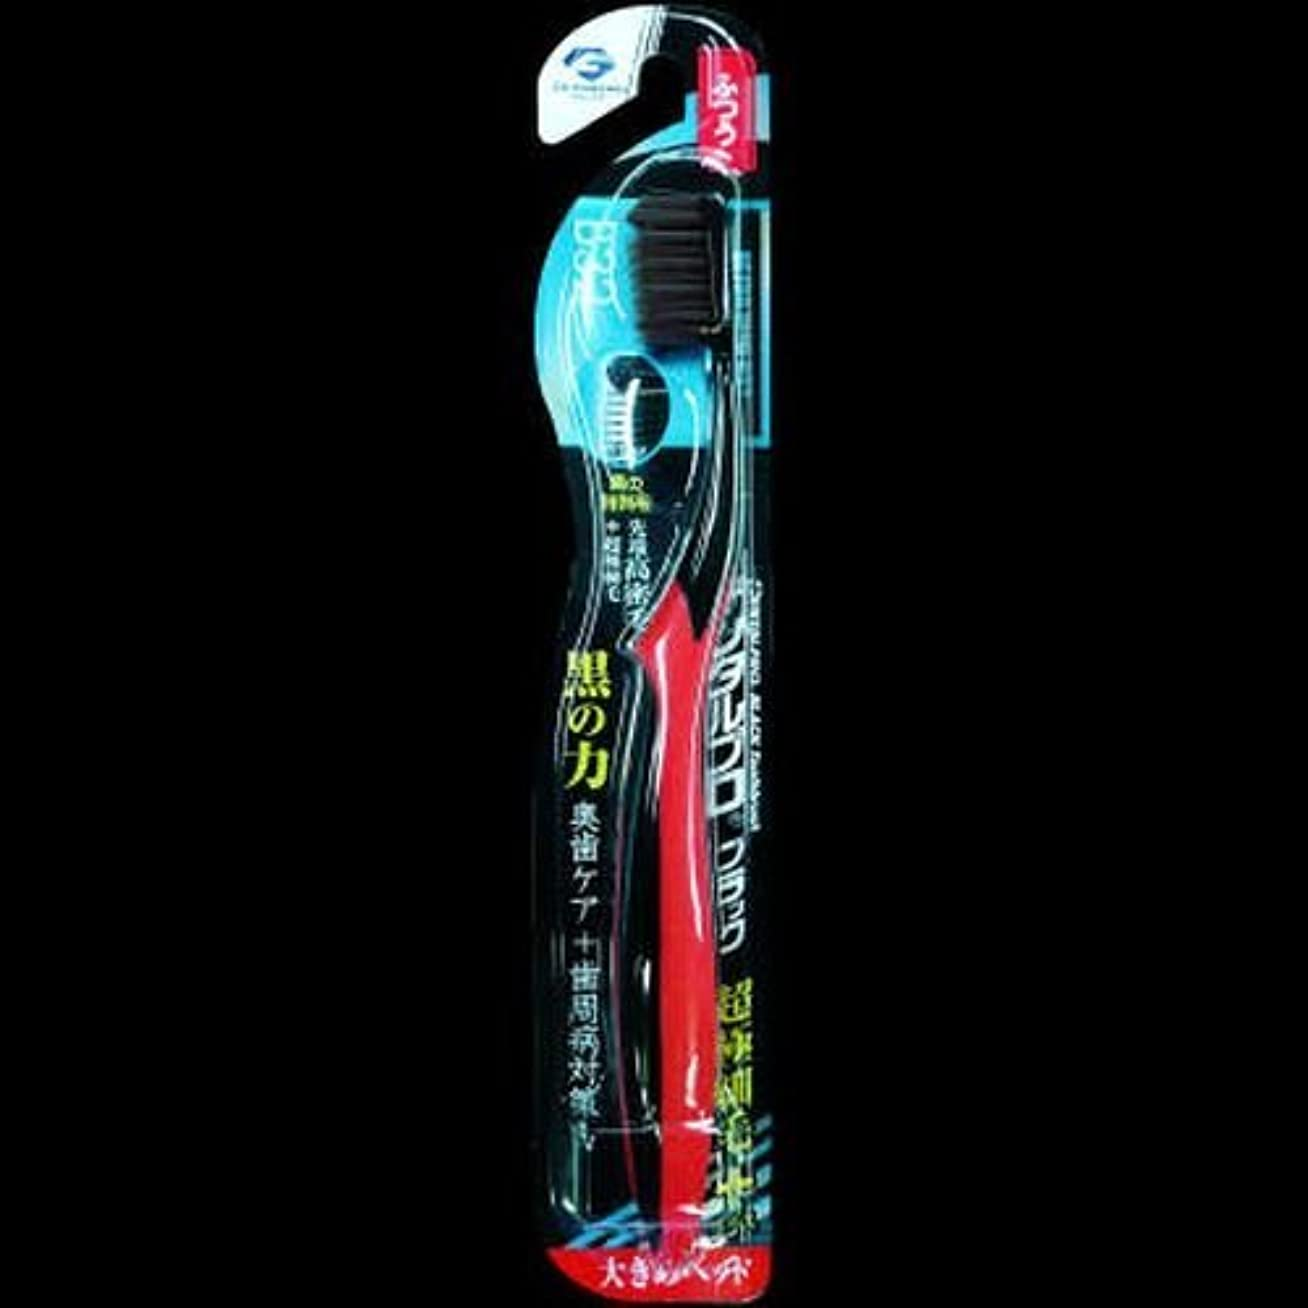 いいねマウント受け入れたデンタルプロ ブラック歯ブラシ 超極細毛プラス大きめヘッド ふつう ×2セット